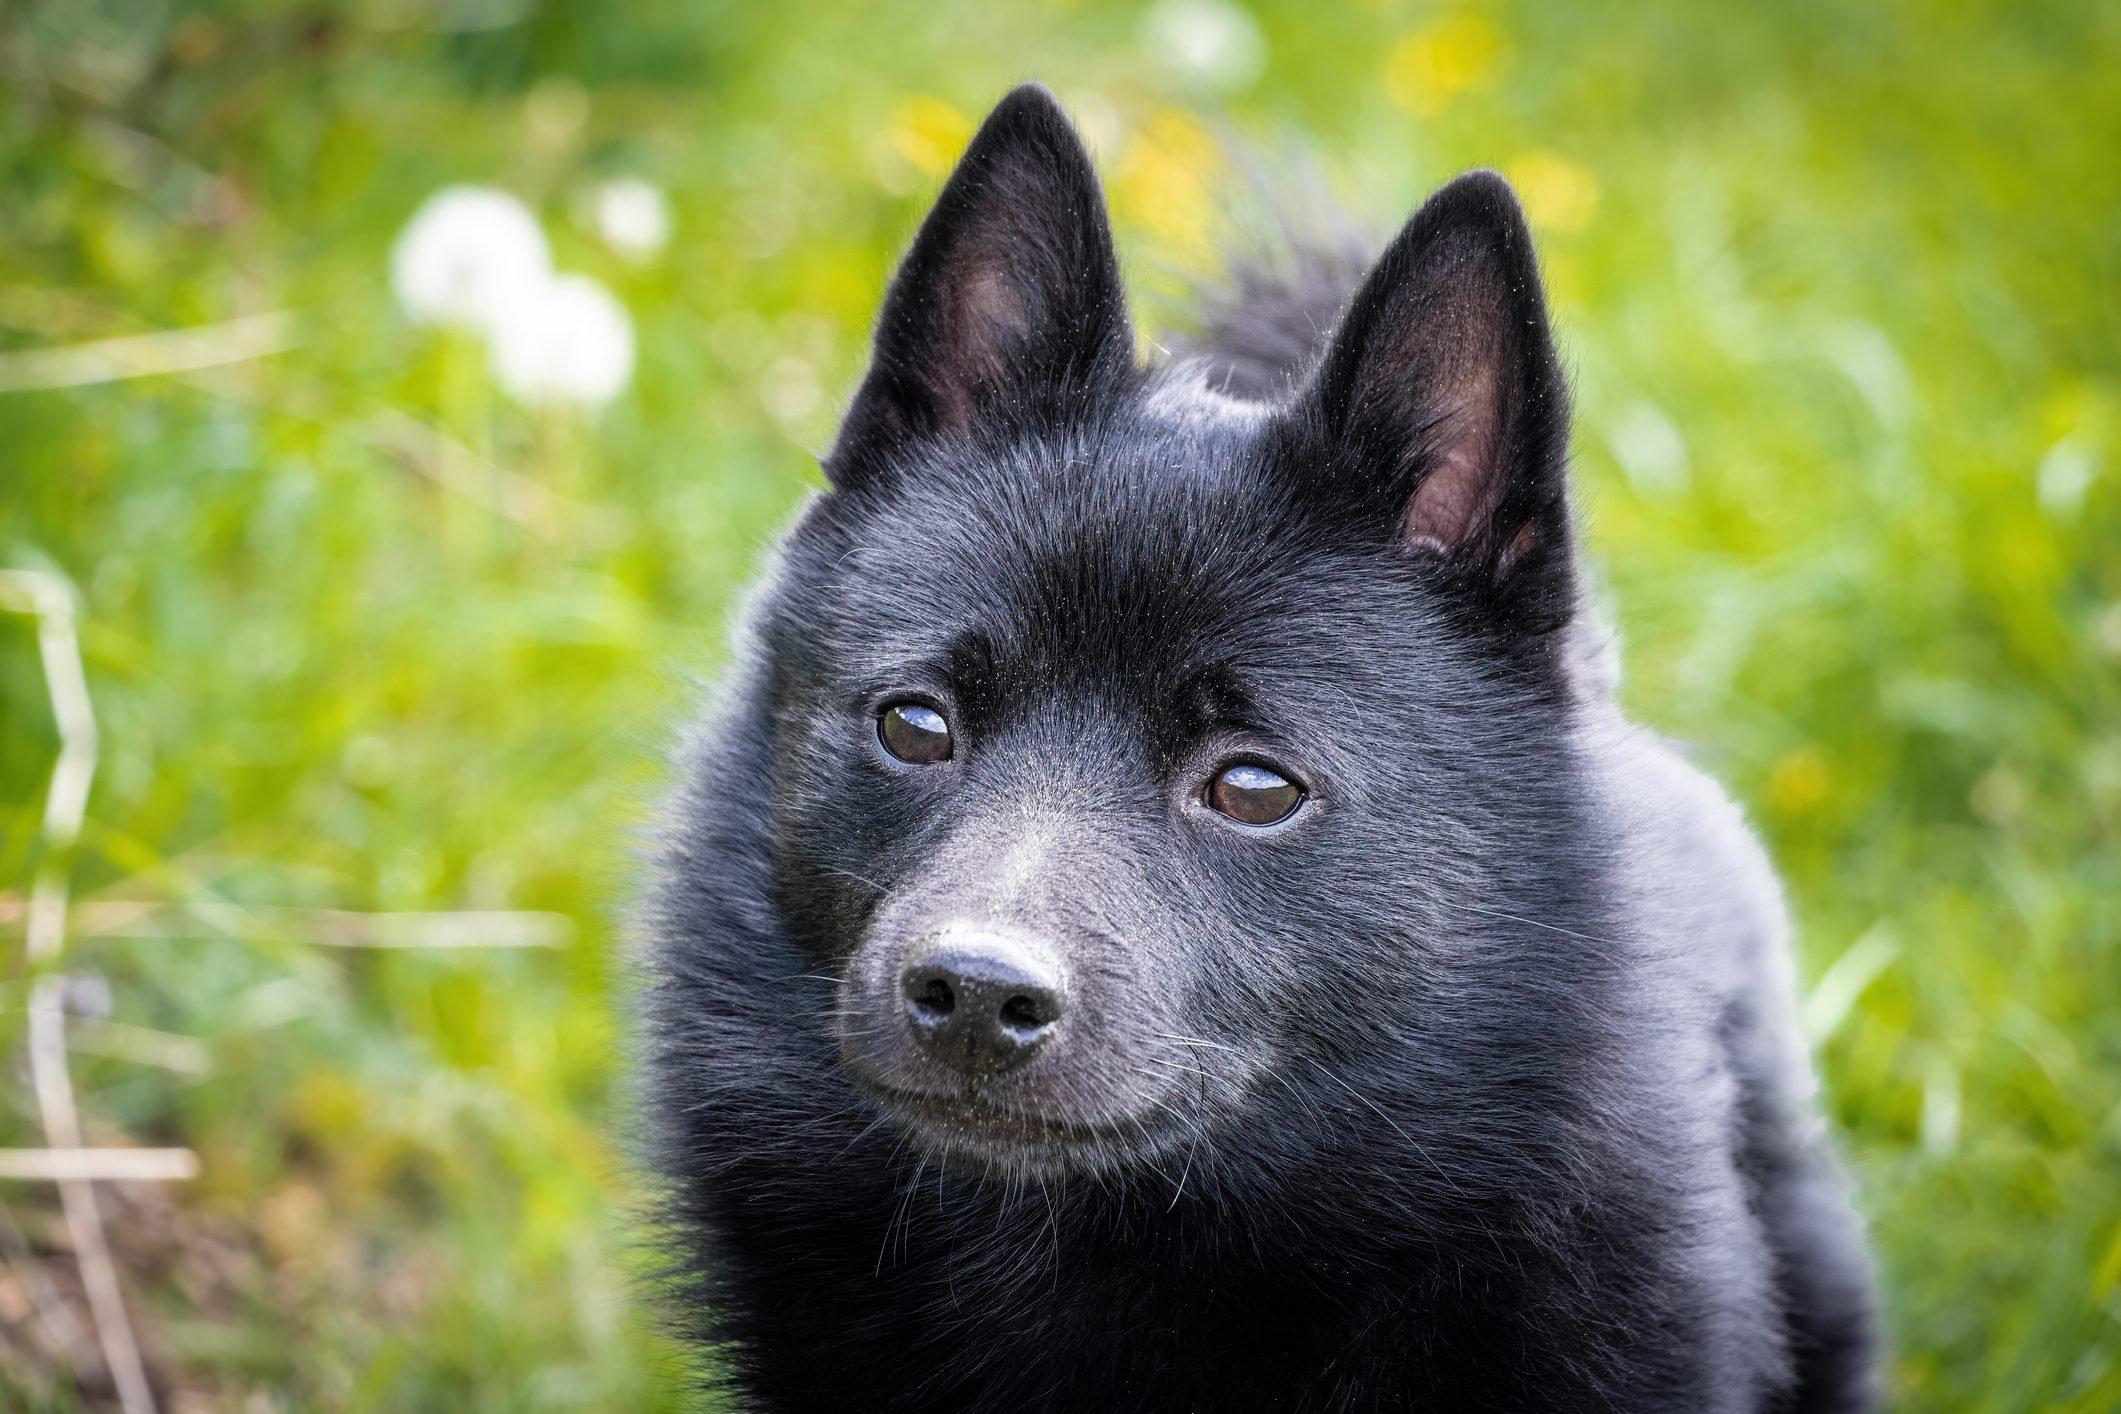 Black puppy dog on grass